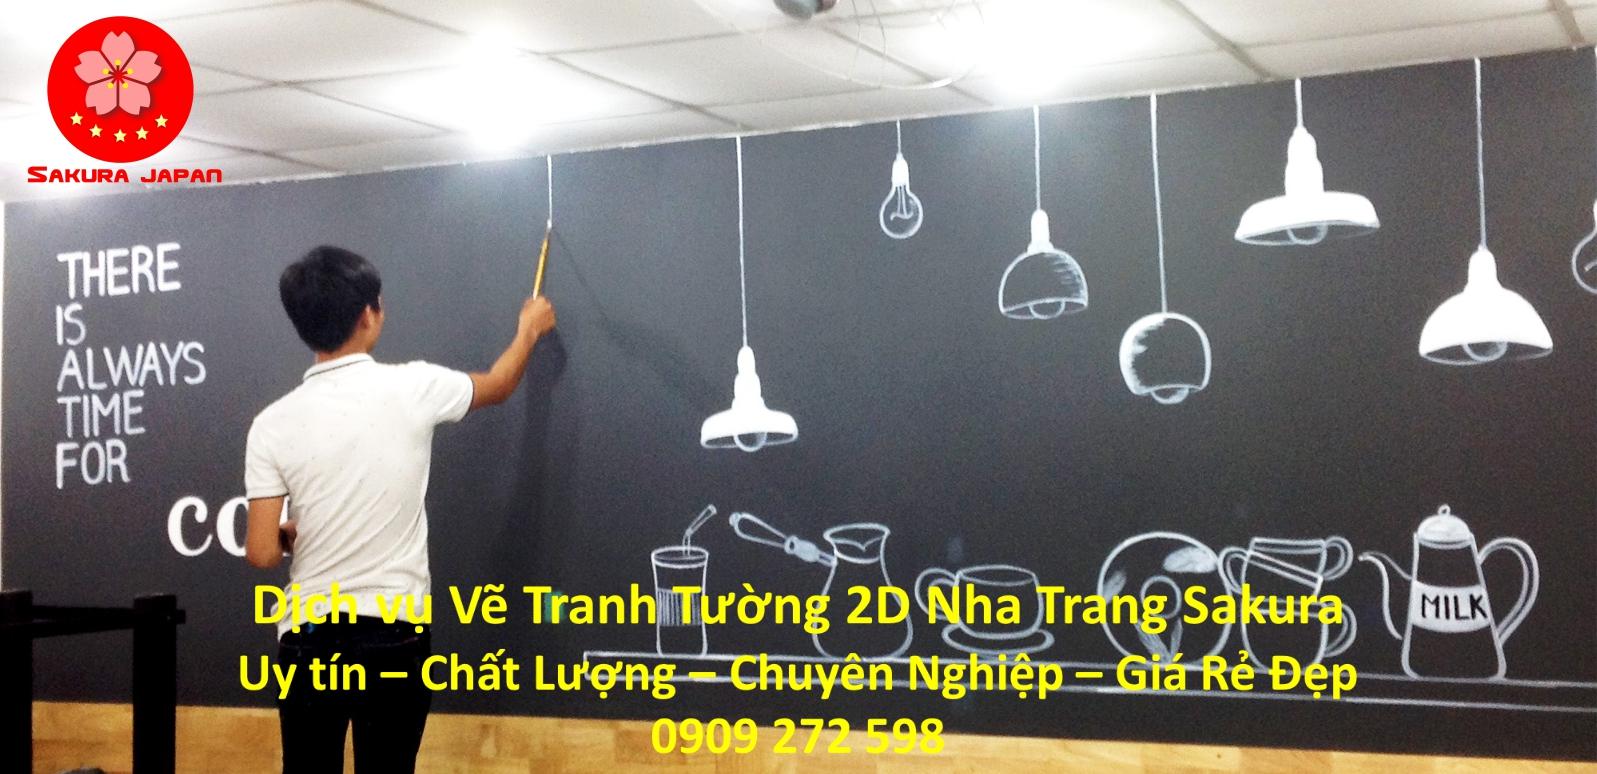 Dịch vụ Vẽ Tranh Tường 2D Nha Trang Nghệ Thuật Chuyên nghiệp Rẻ Đẹp Nhất